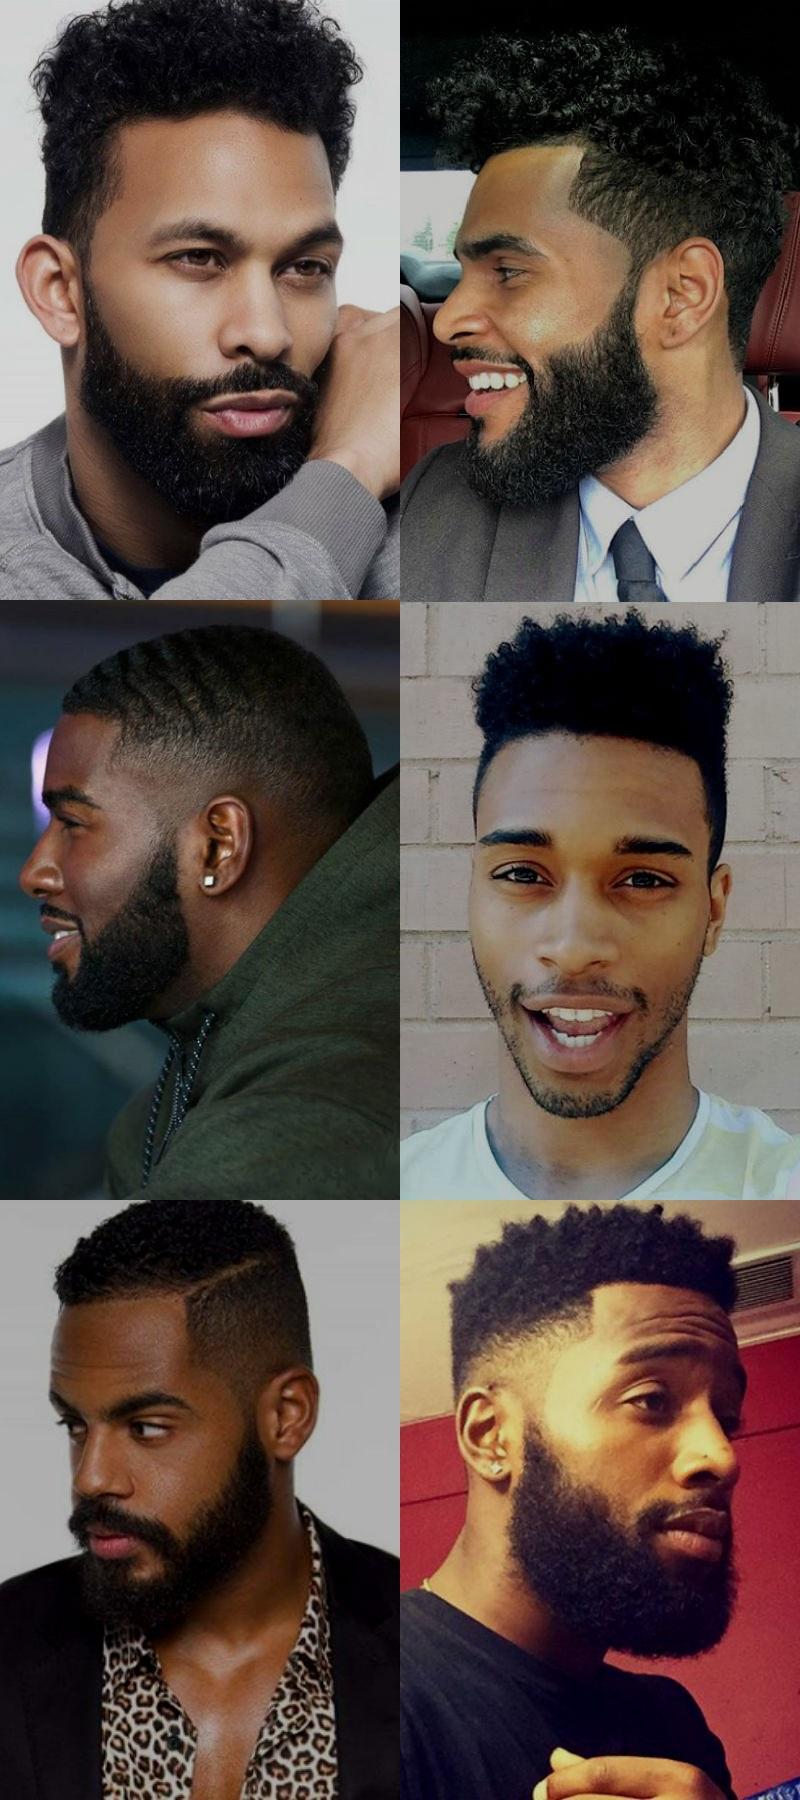 Homem No Espelho - Cortes de cabelo masculinos - afro 2016